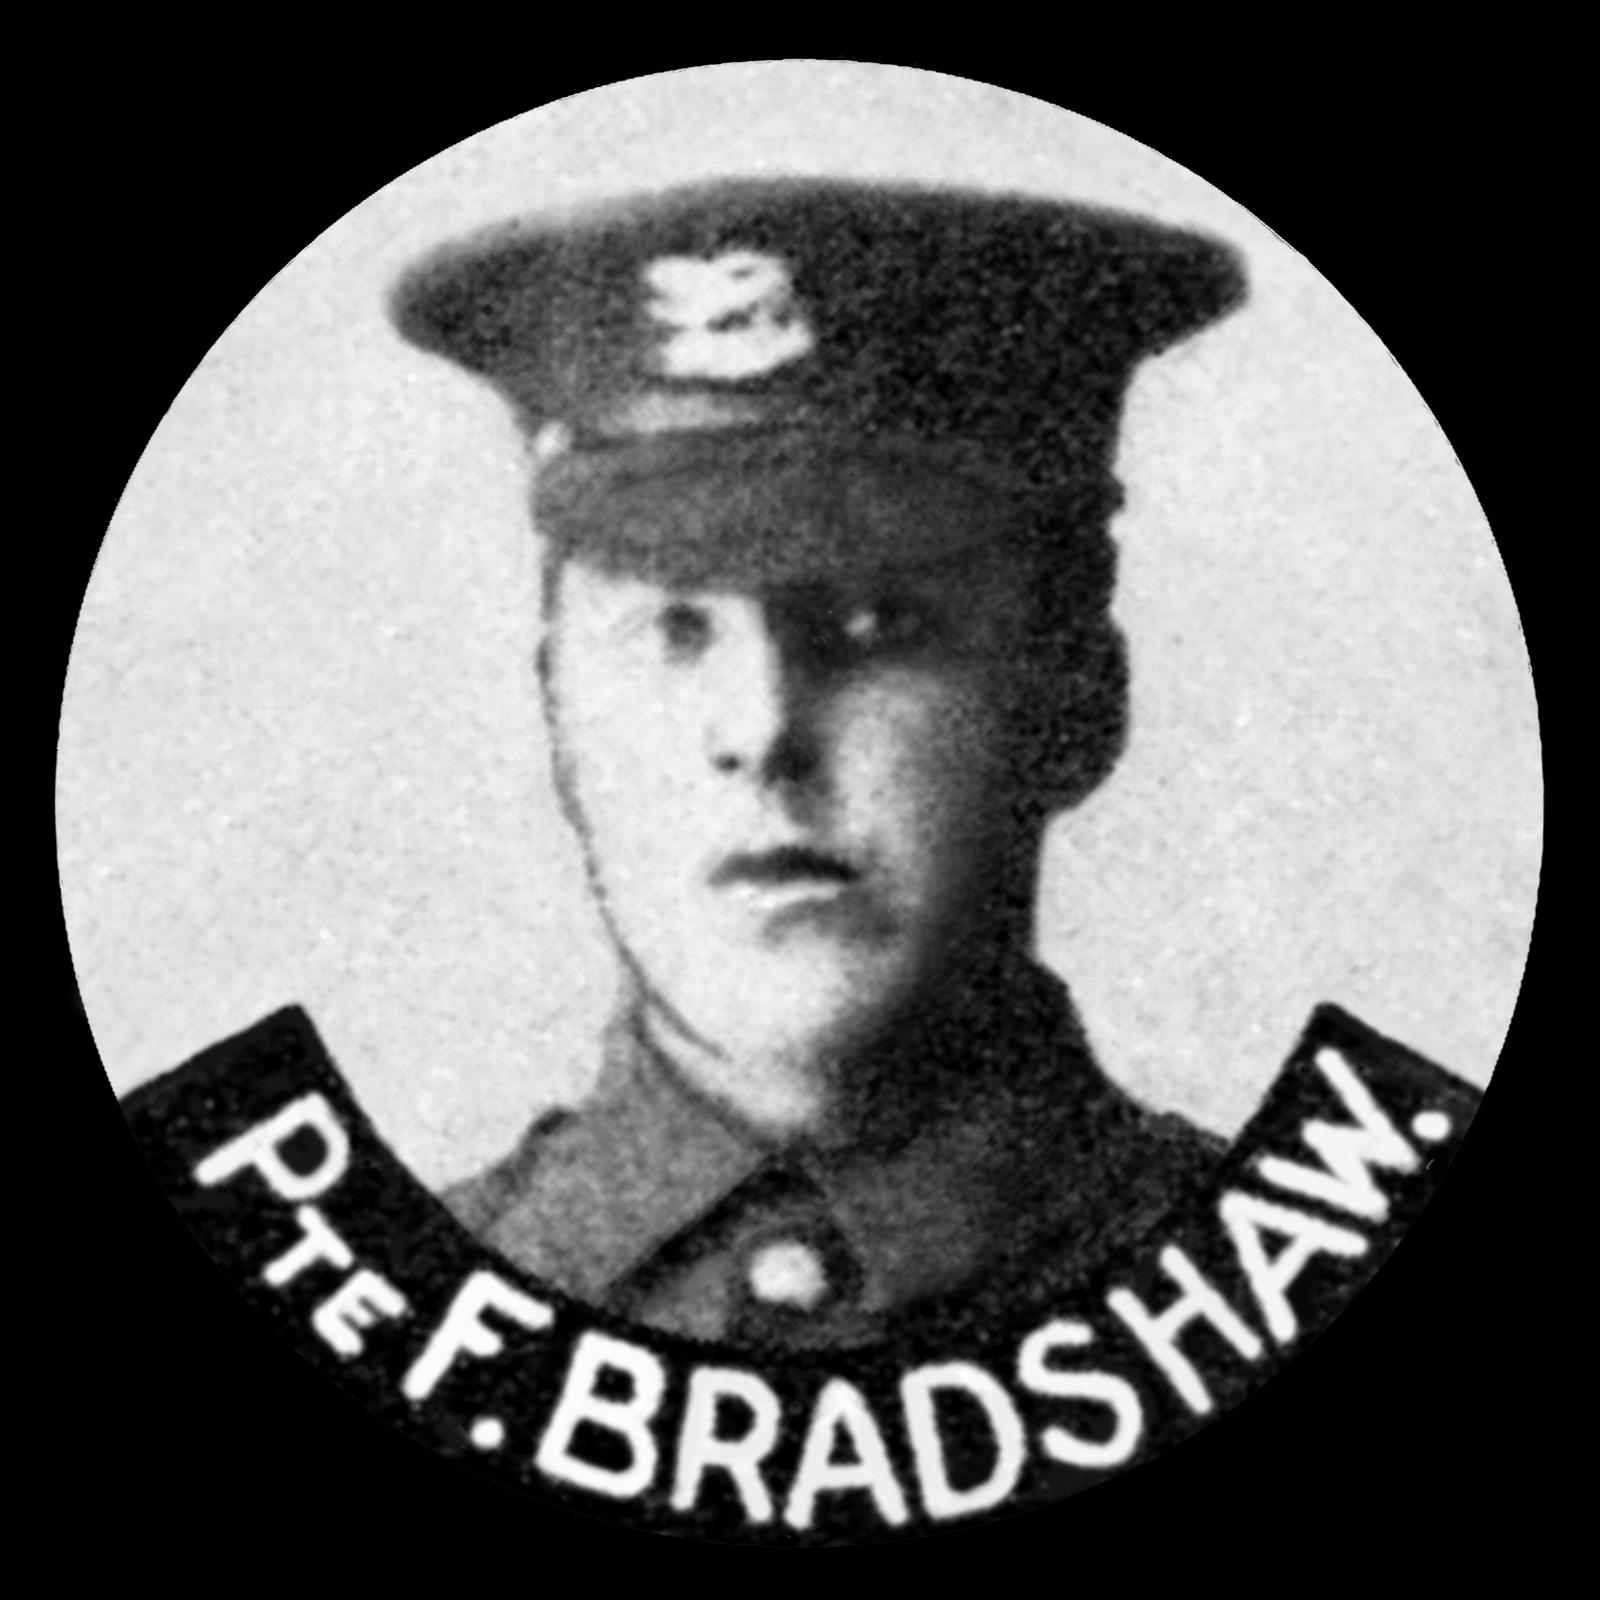 BRADSHAW Frederick